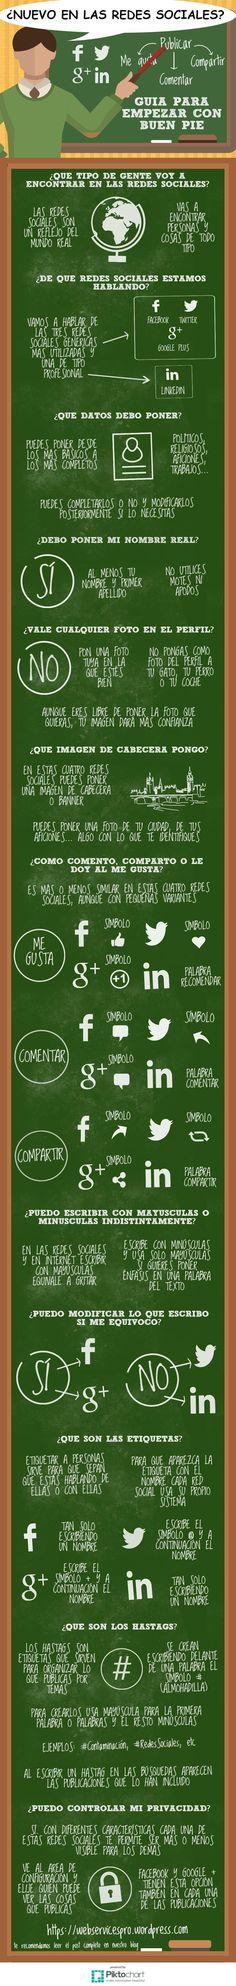 Cuando se es nuevo en las redes sociales es necesaria una guía que te enseño lo principal para empezar a usarlas correctamente. En este post encontrarás todo lo más imprescindible para empezar a us…